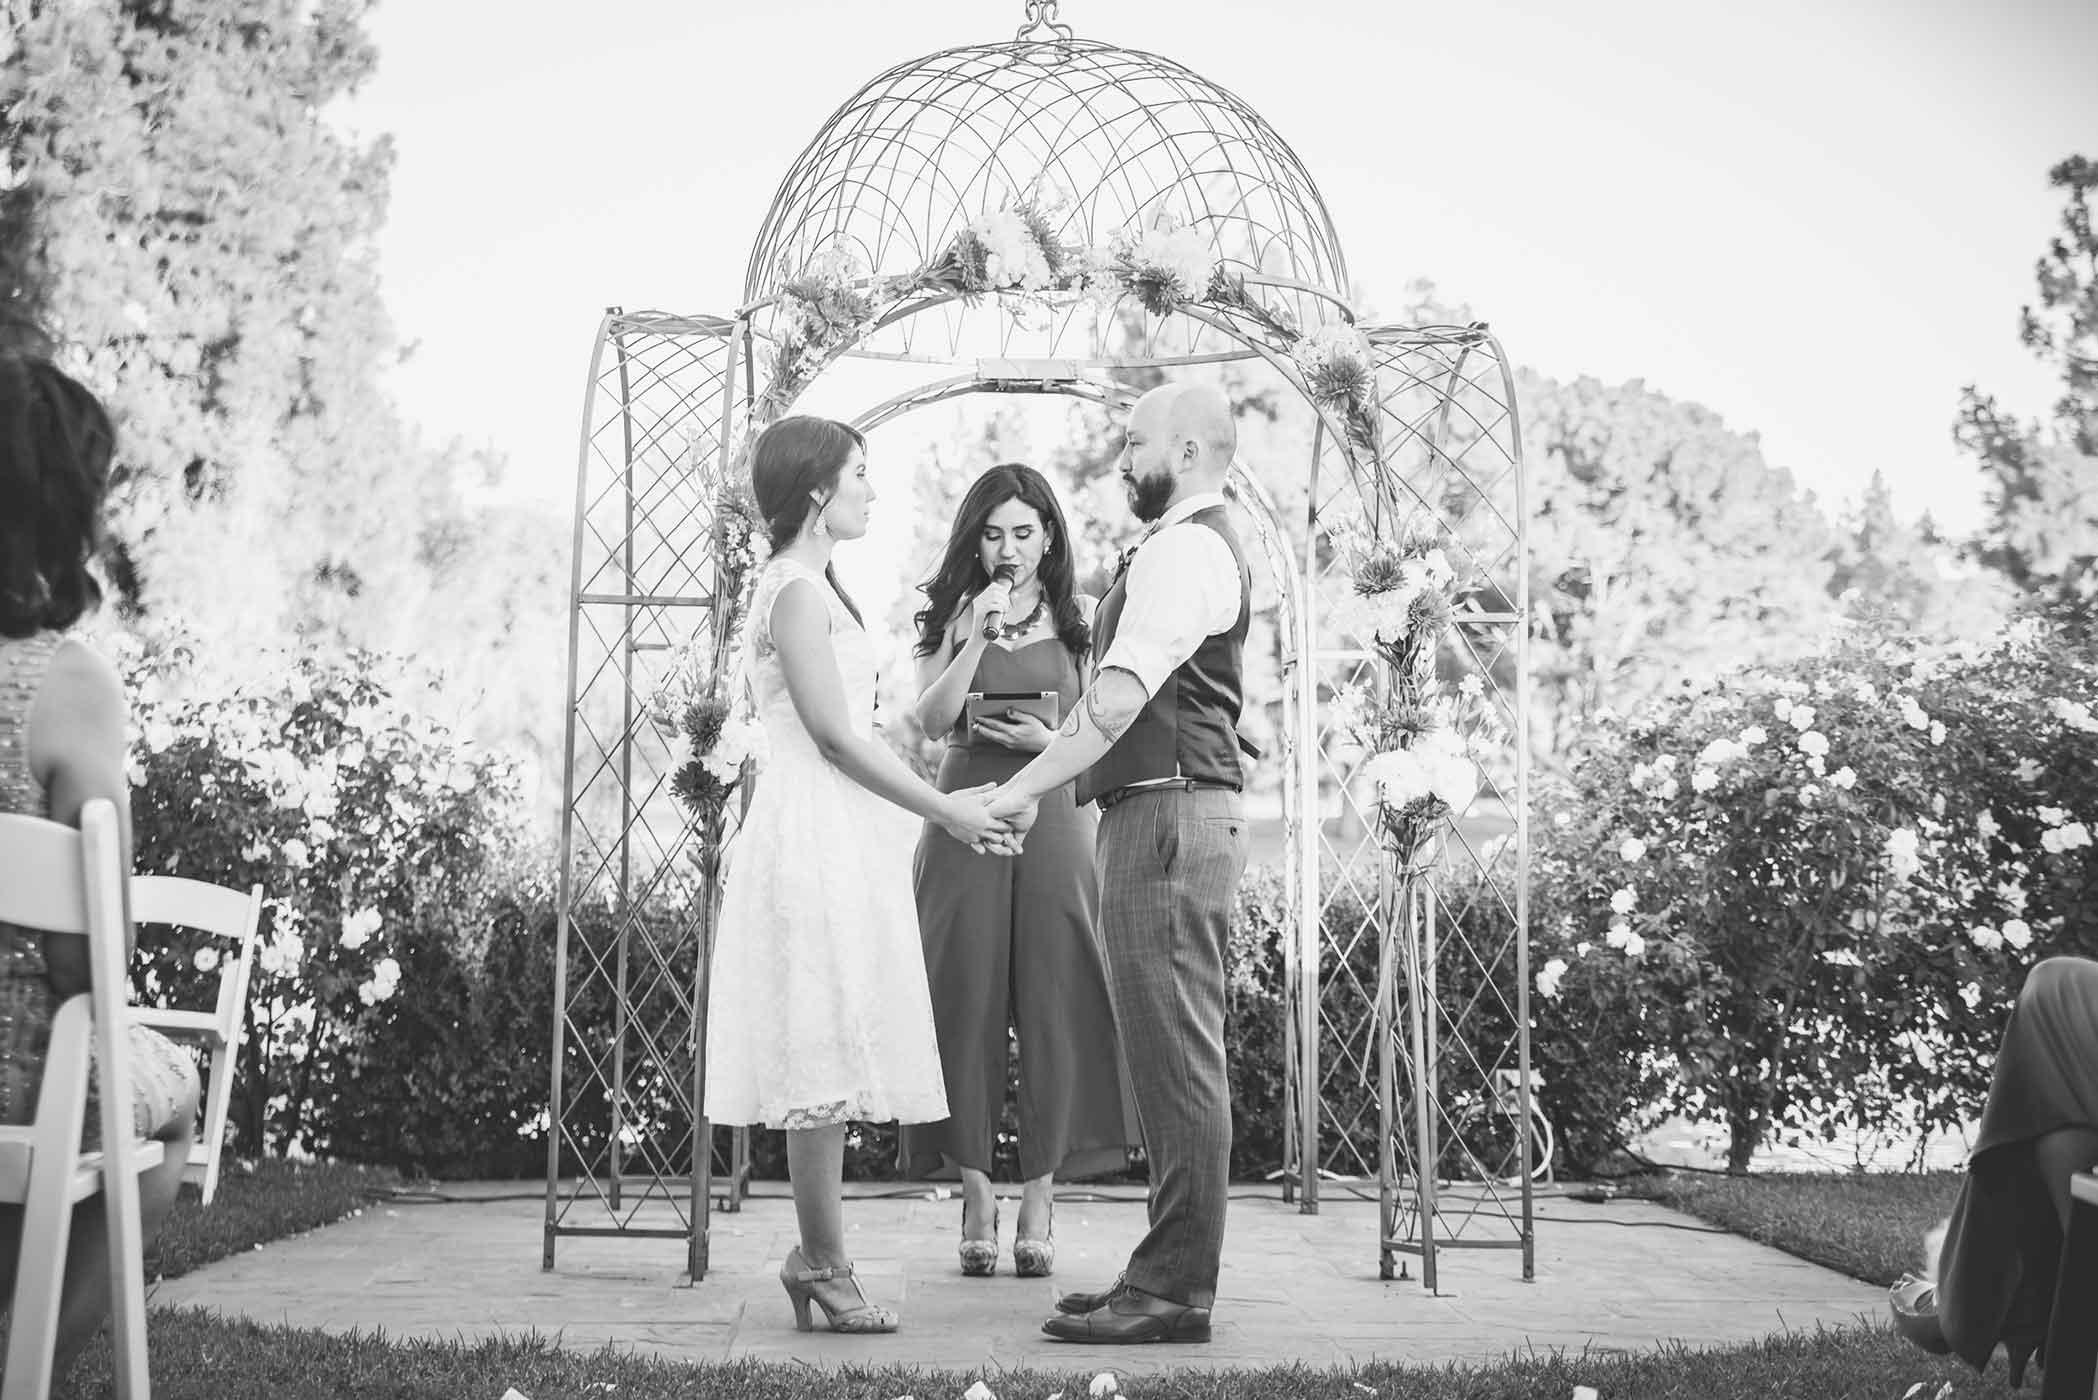 smlNahal-+-Joe-Wedding---Aug-2015-99.jpg